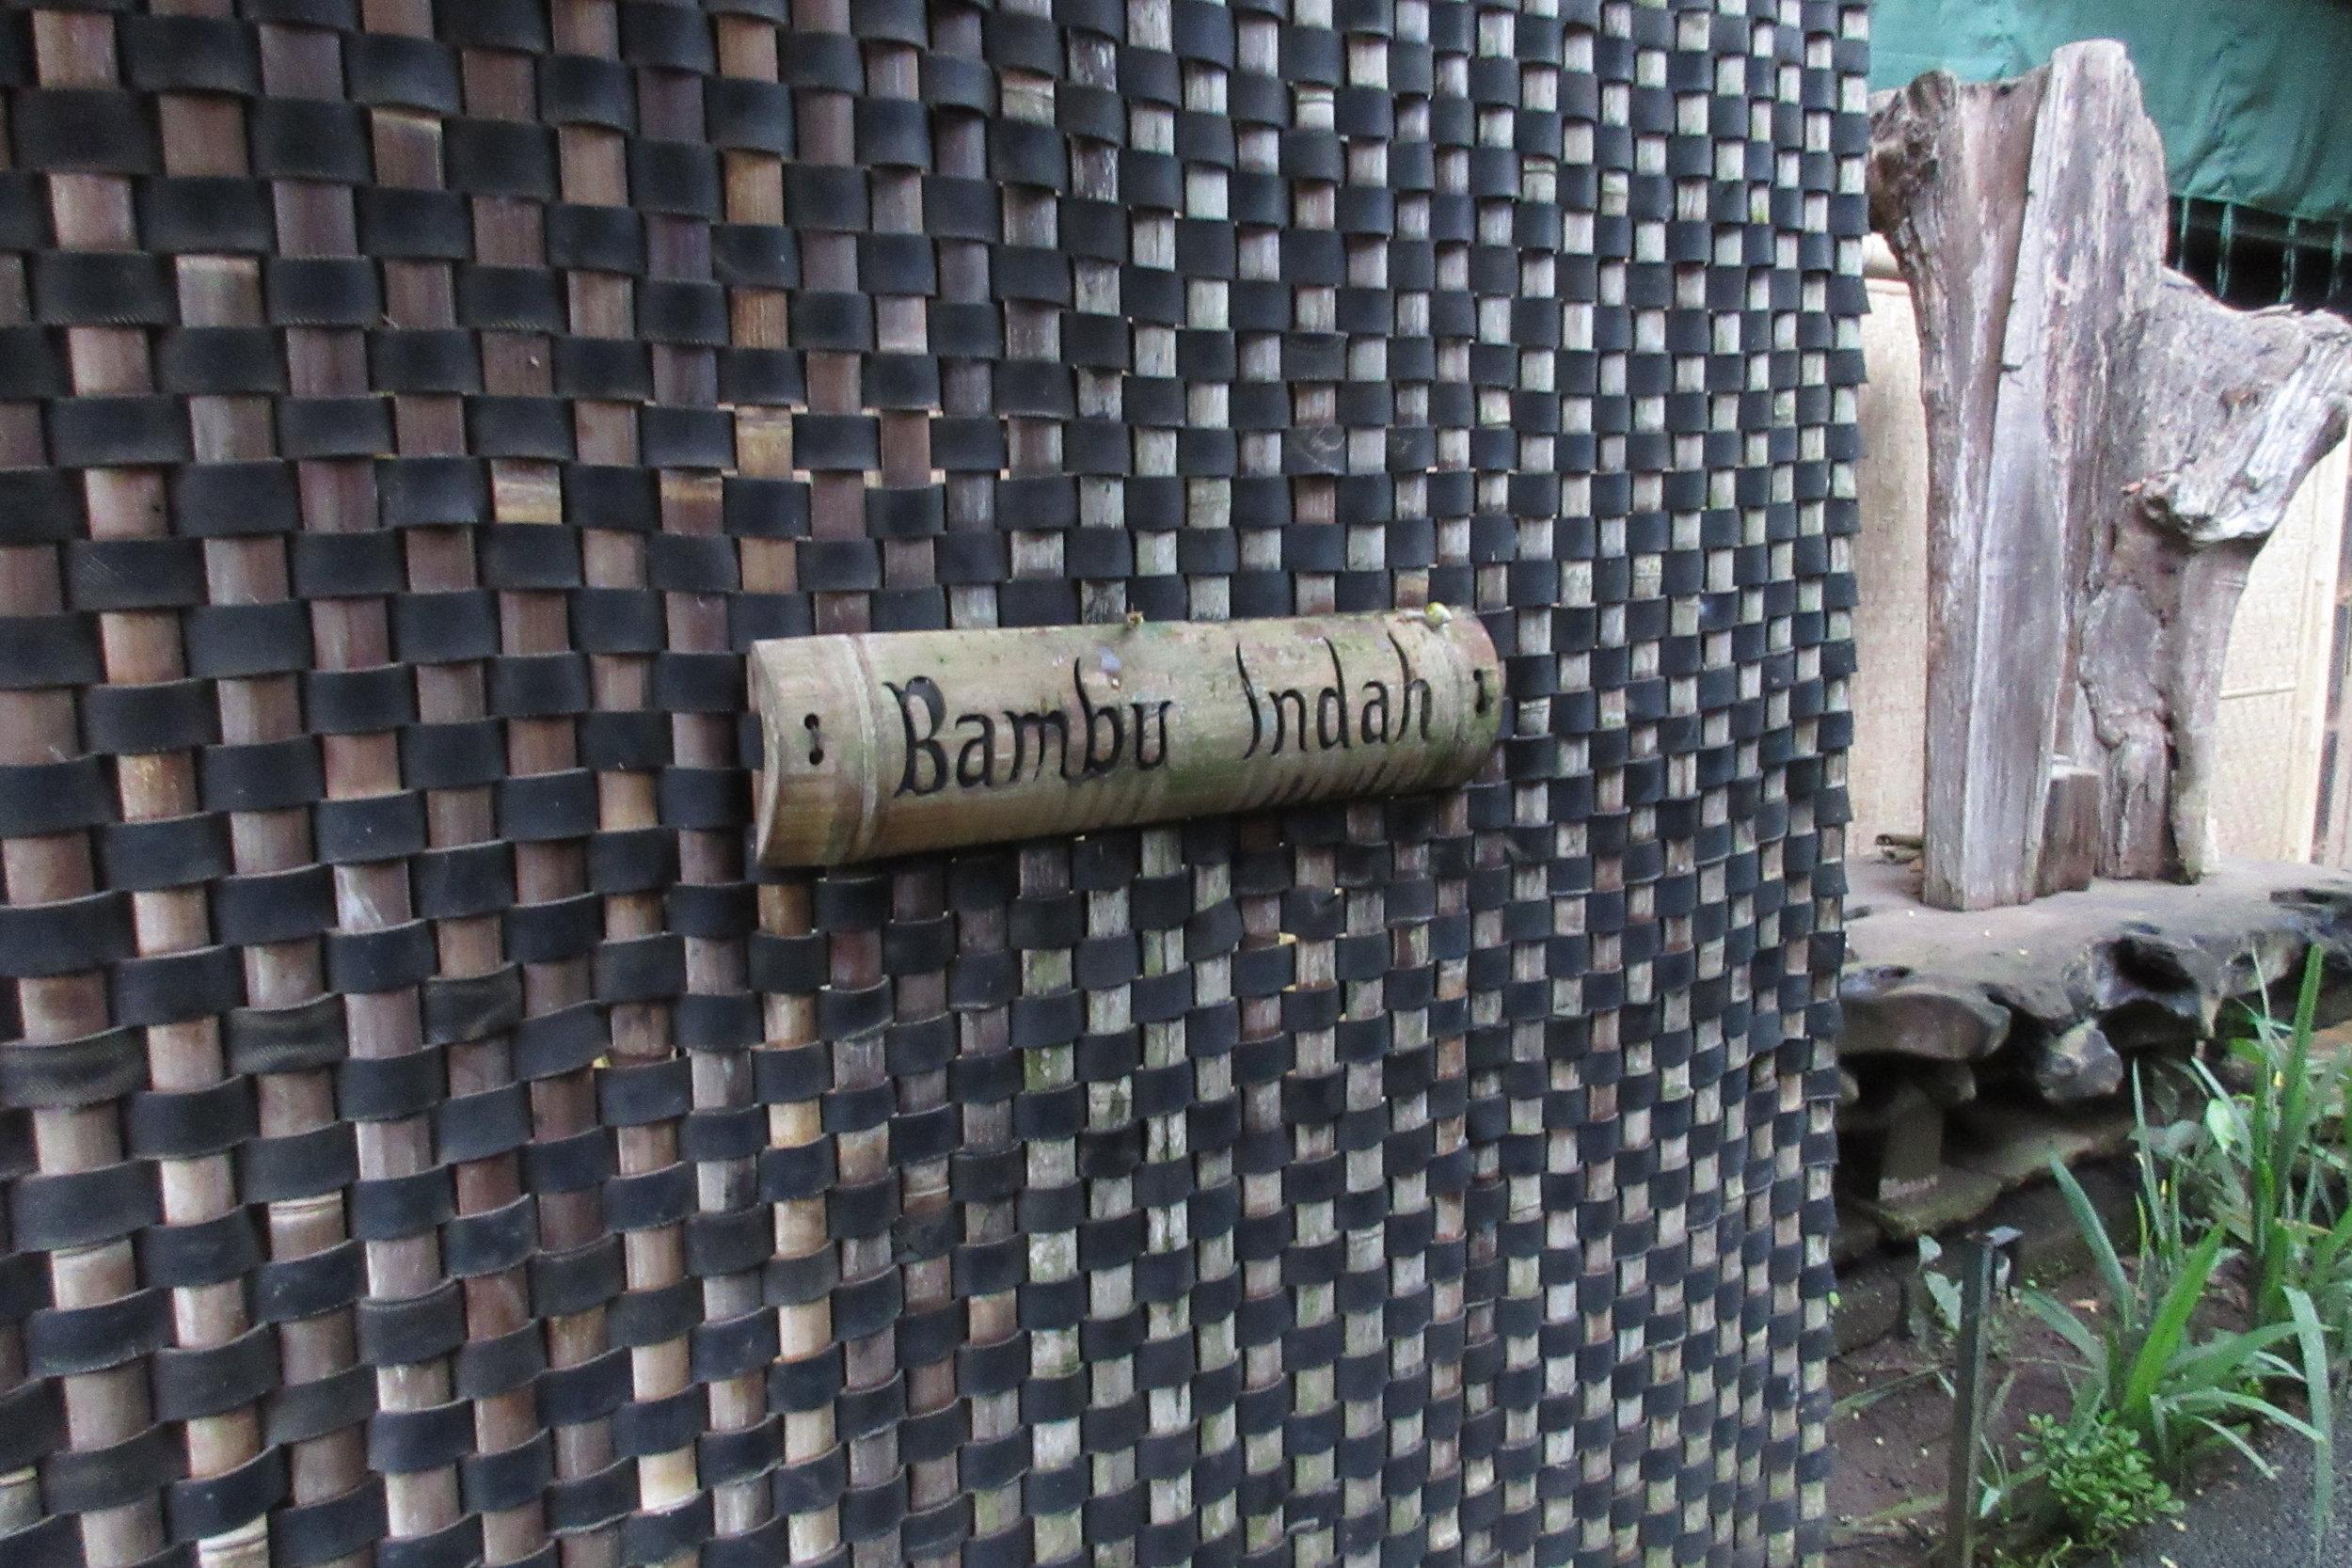 Bambu Indah Ubud – Gate